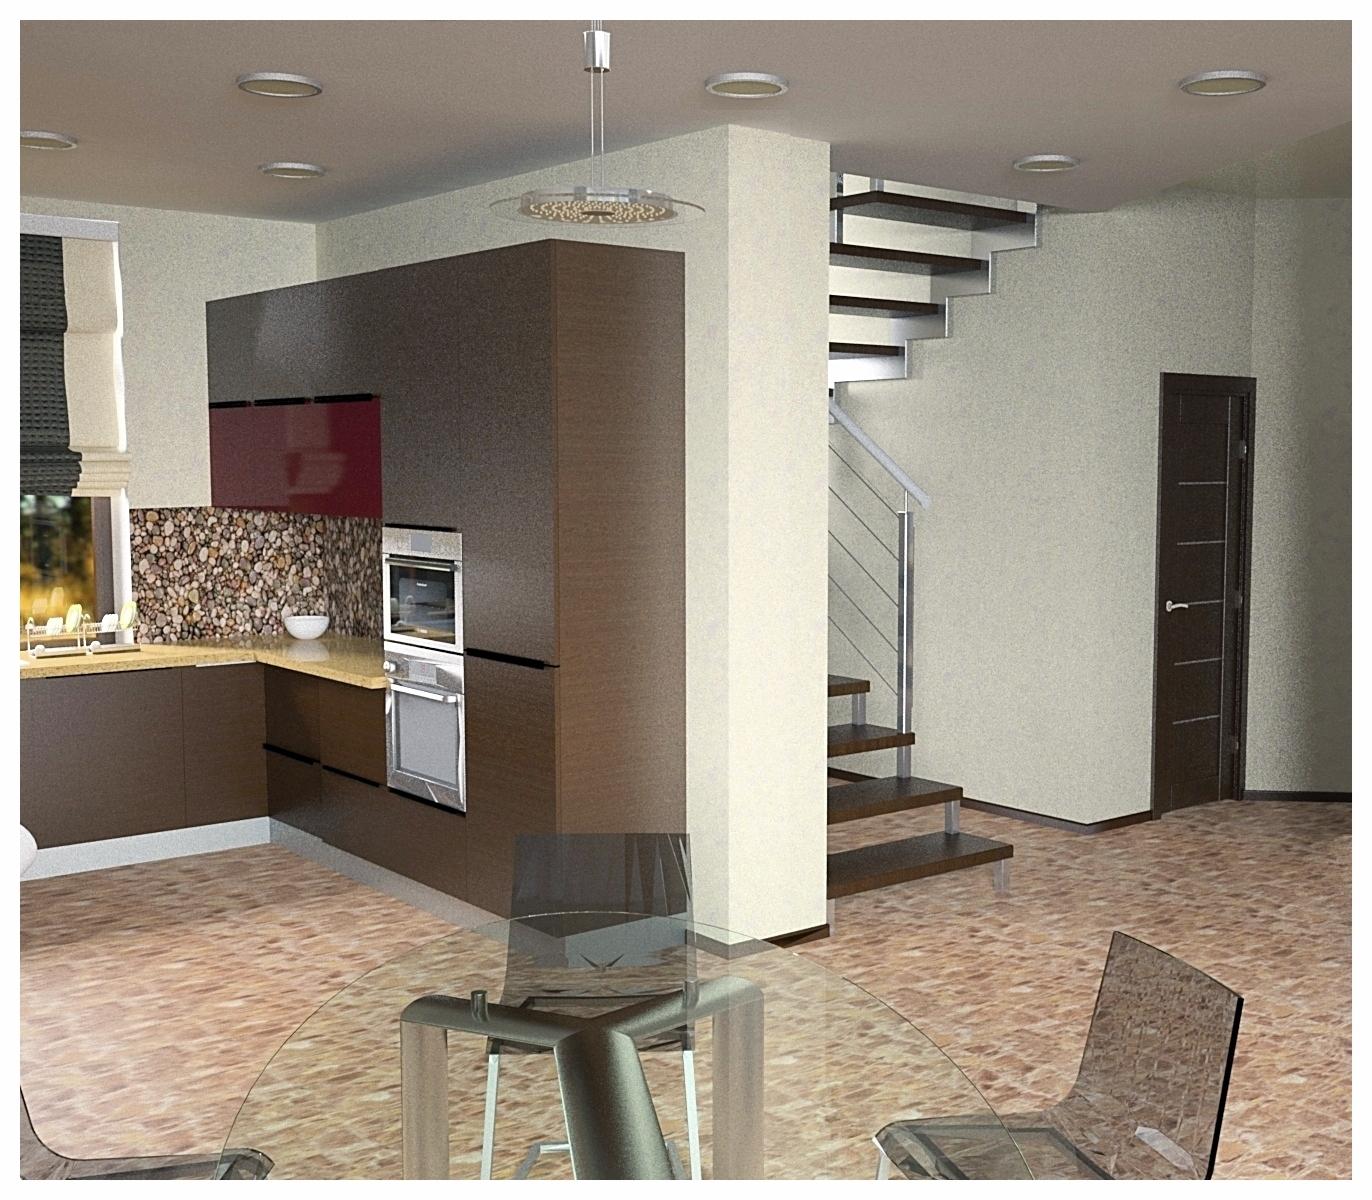 Дизайн интерьеров дома. Кухня 2.